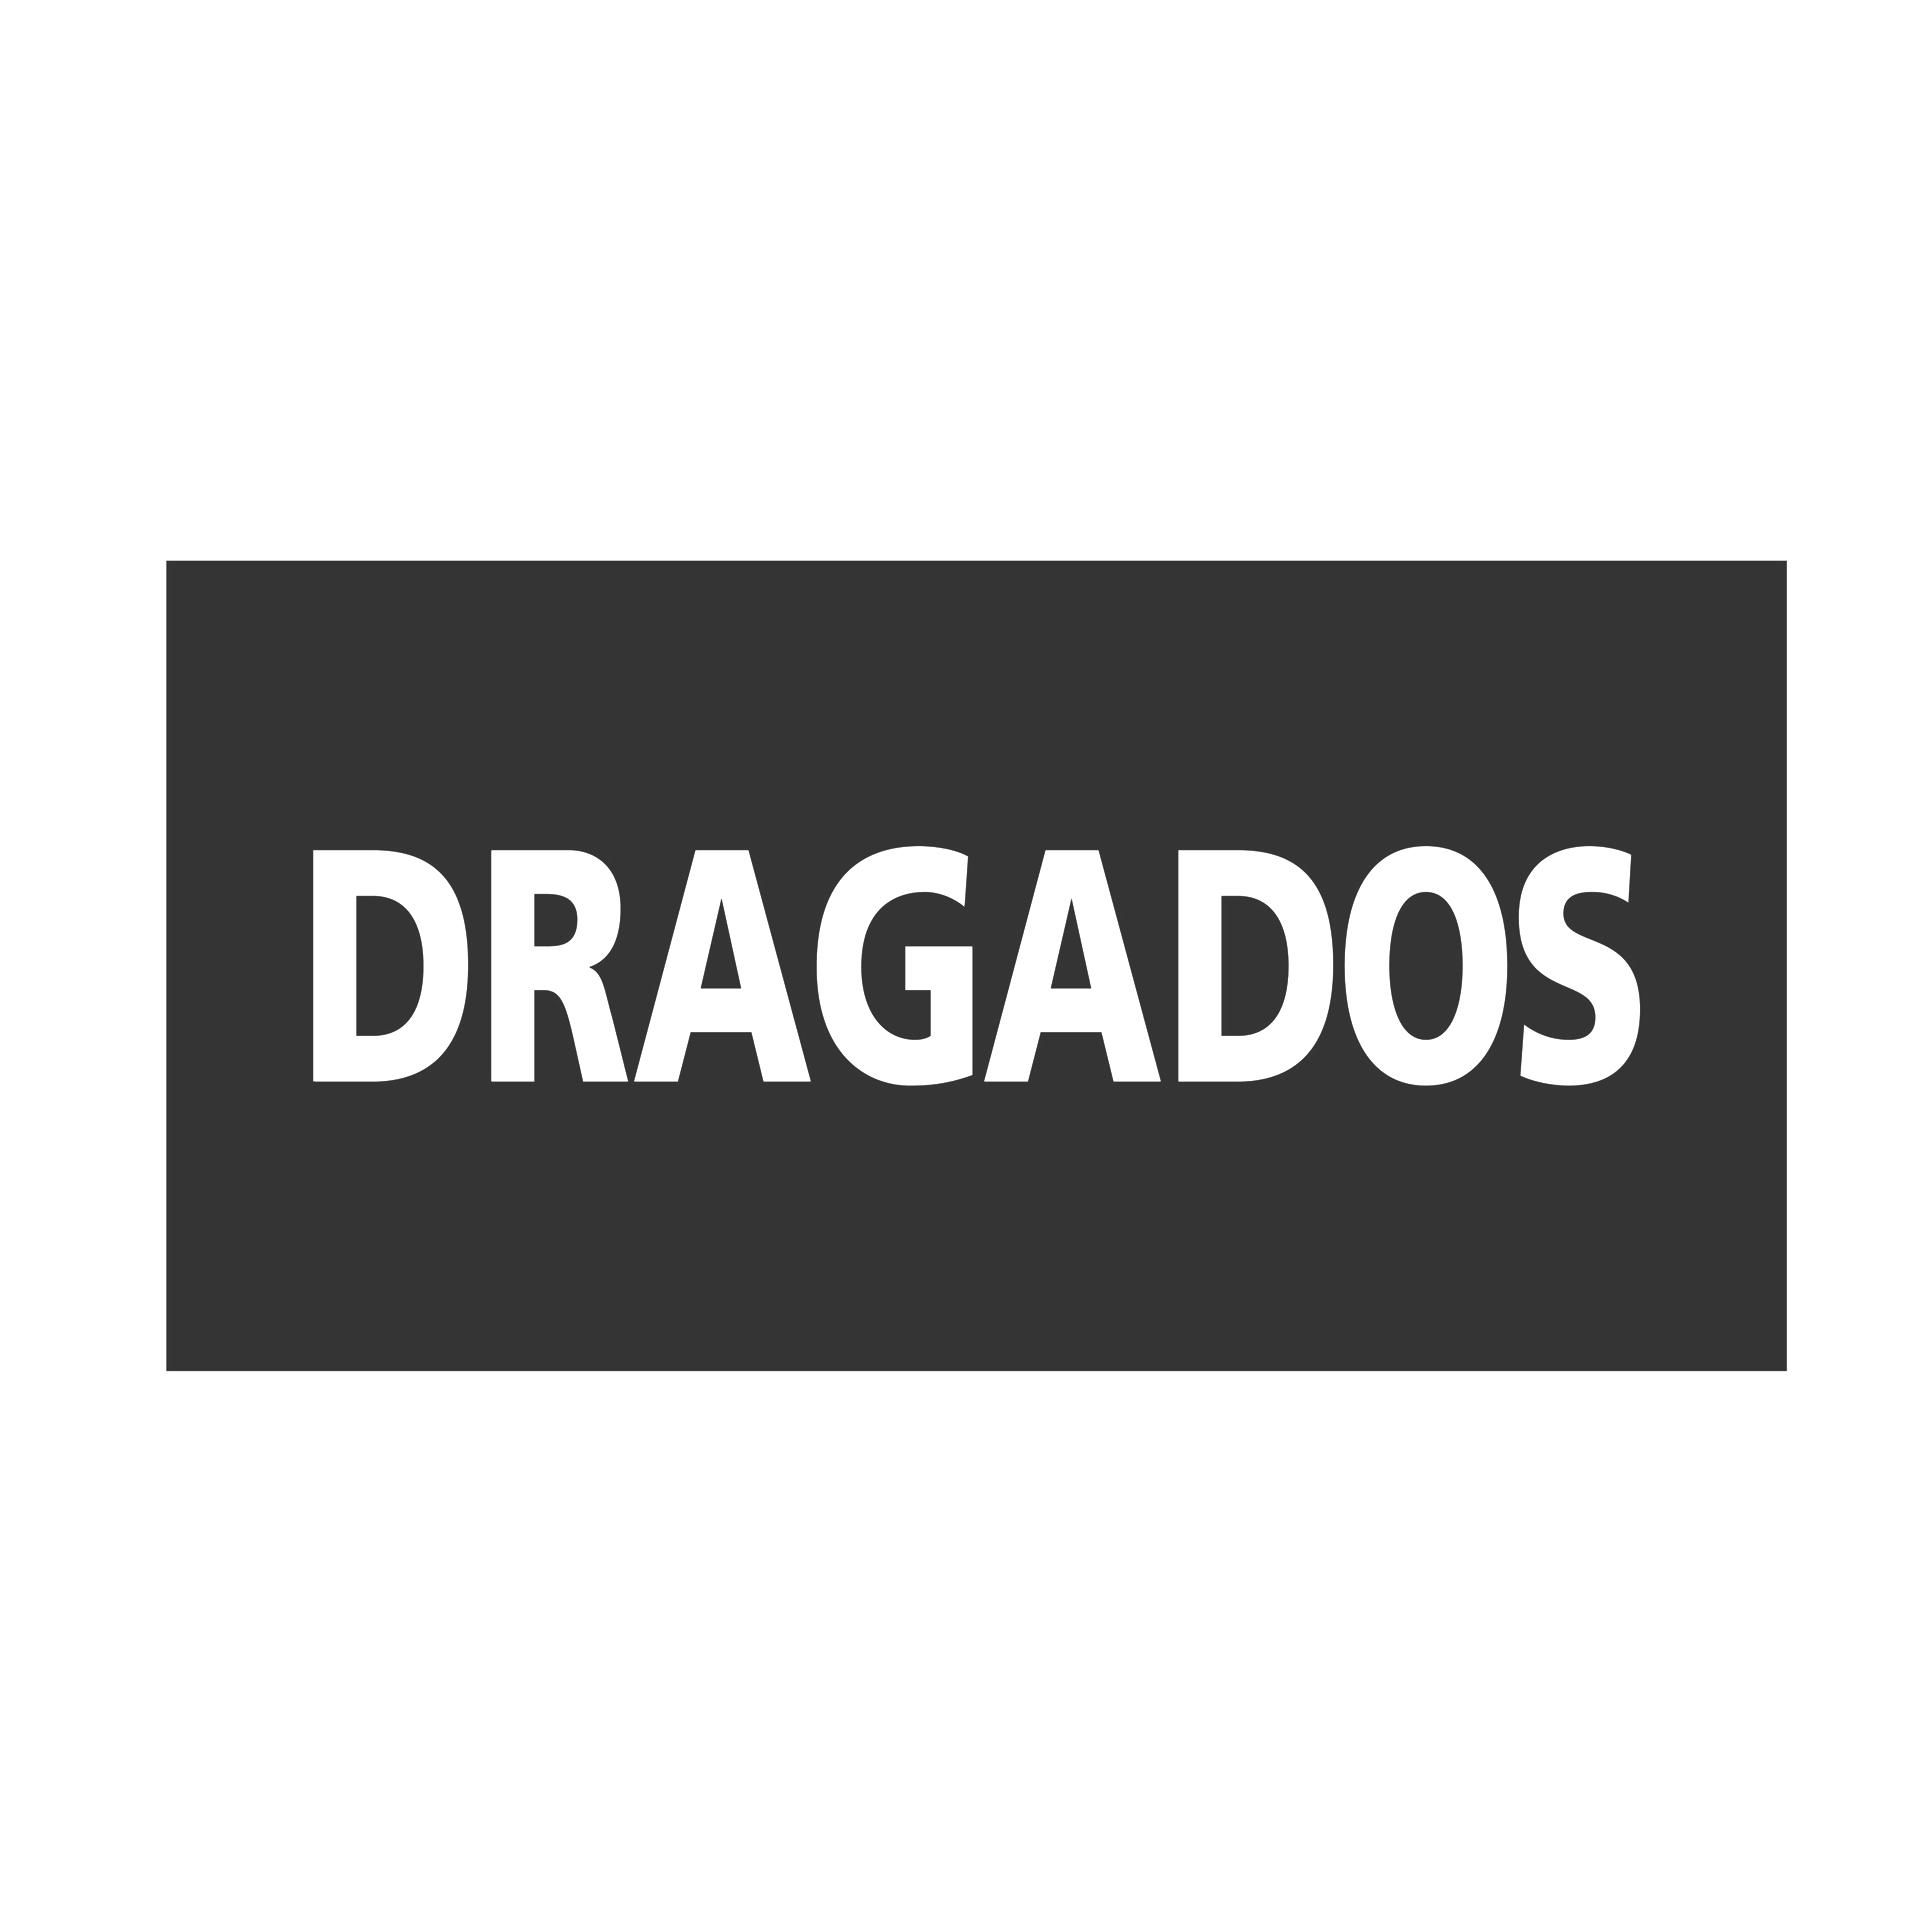 02_DRAGADOS